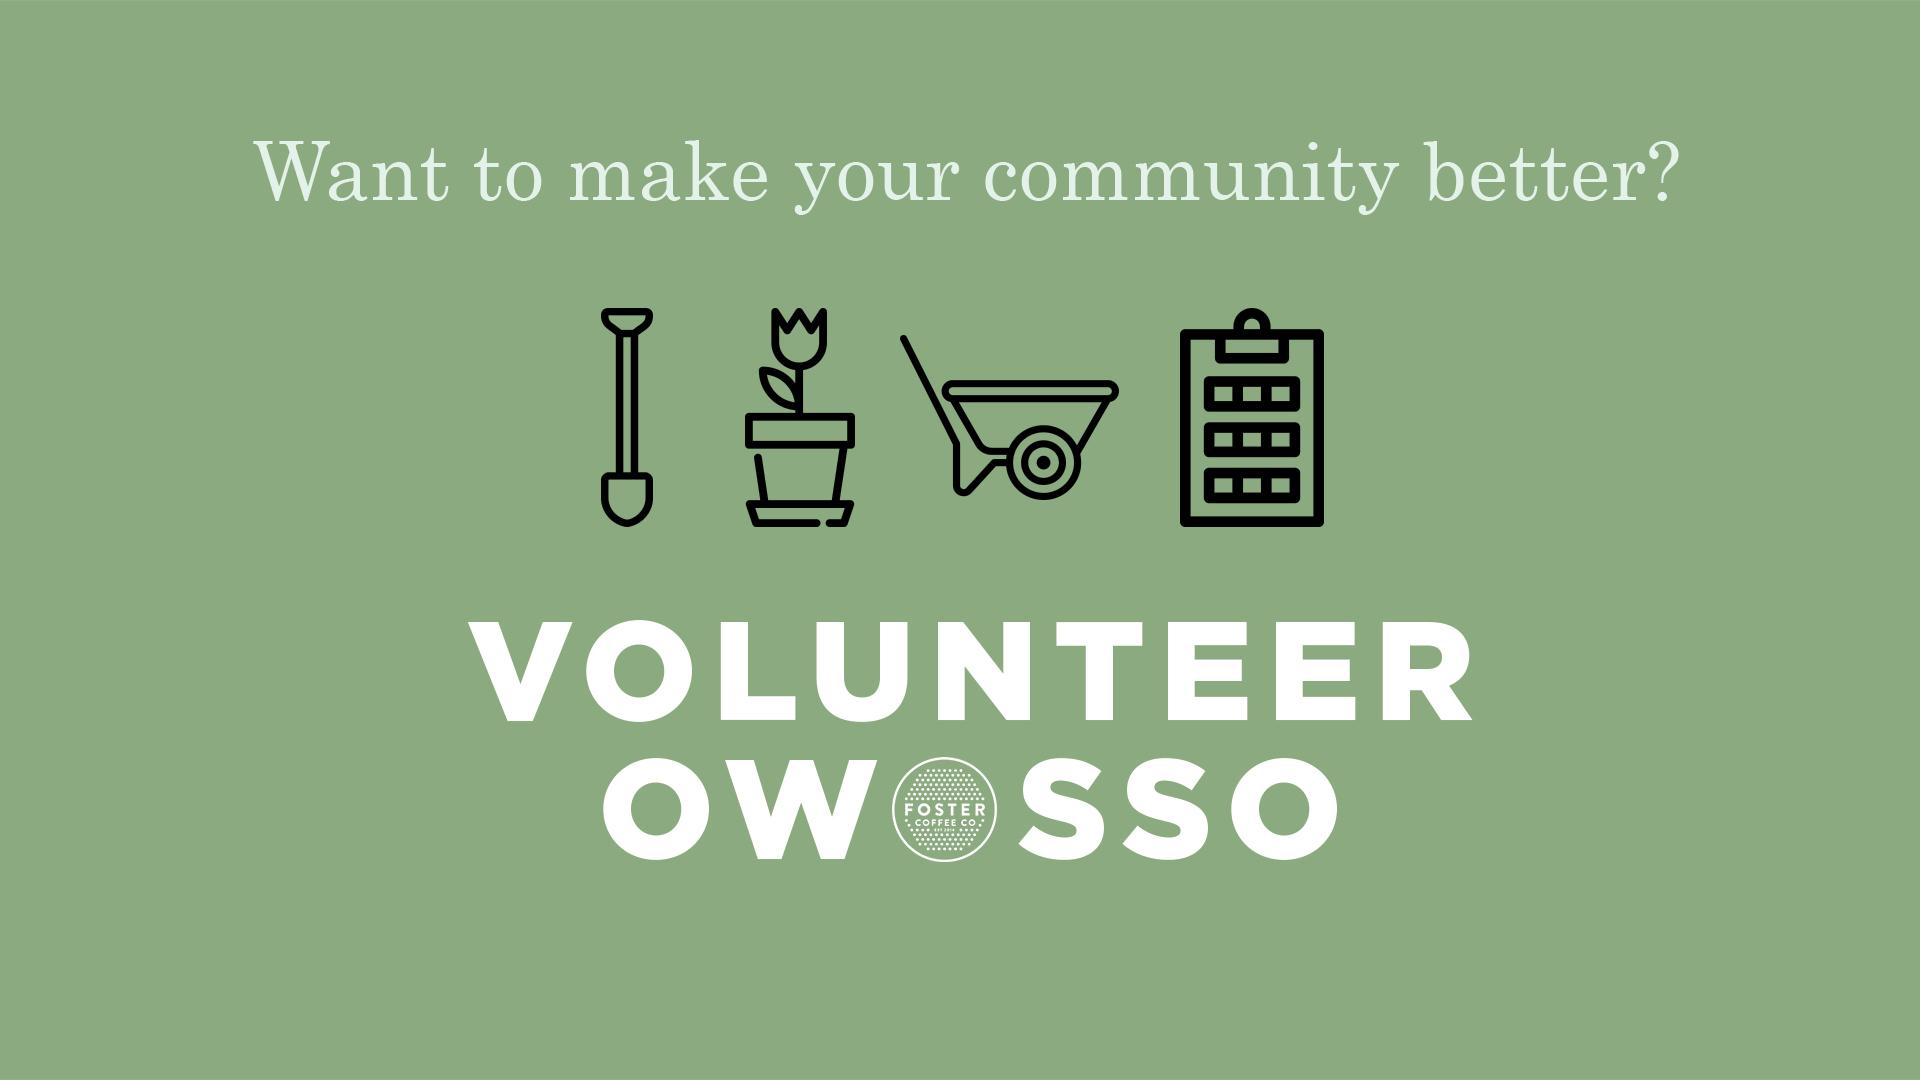 volunteerowosso.jpg